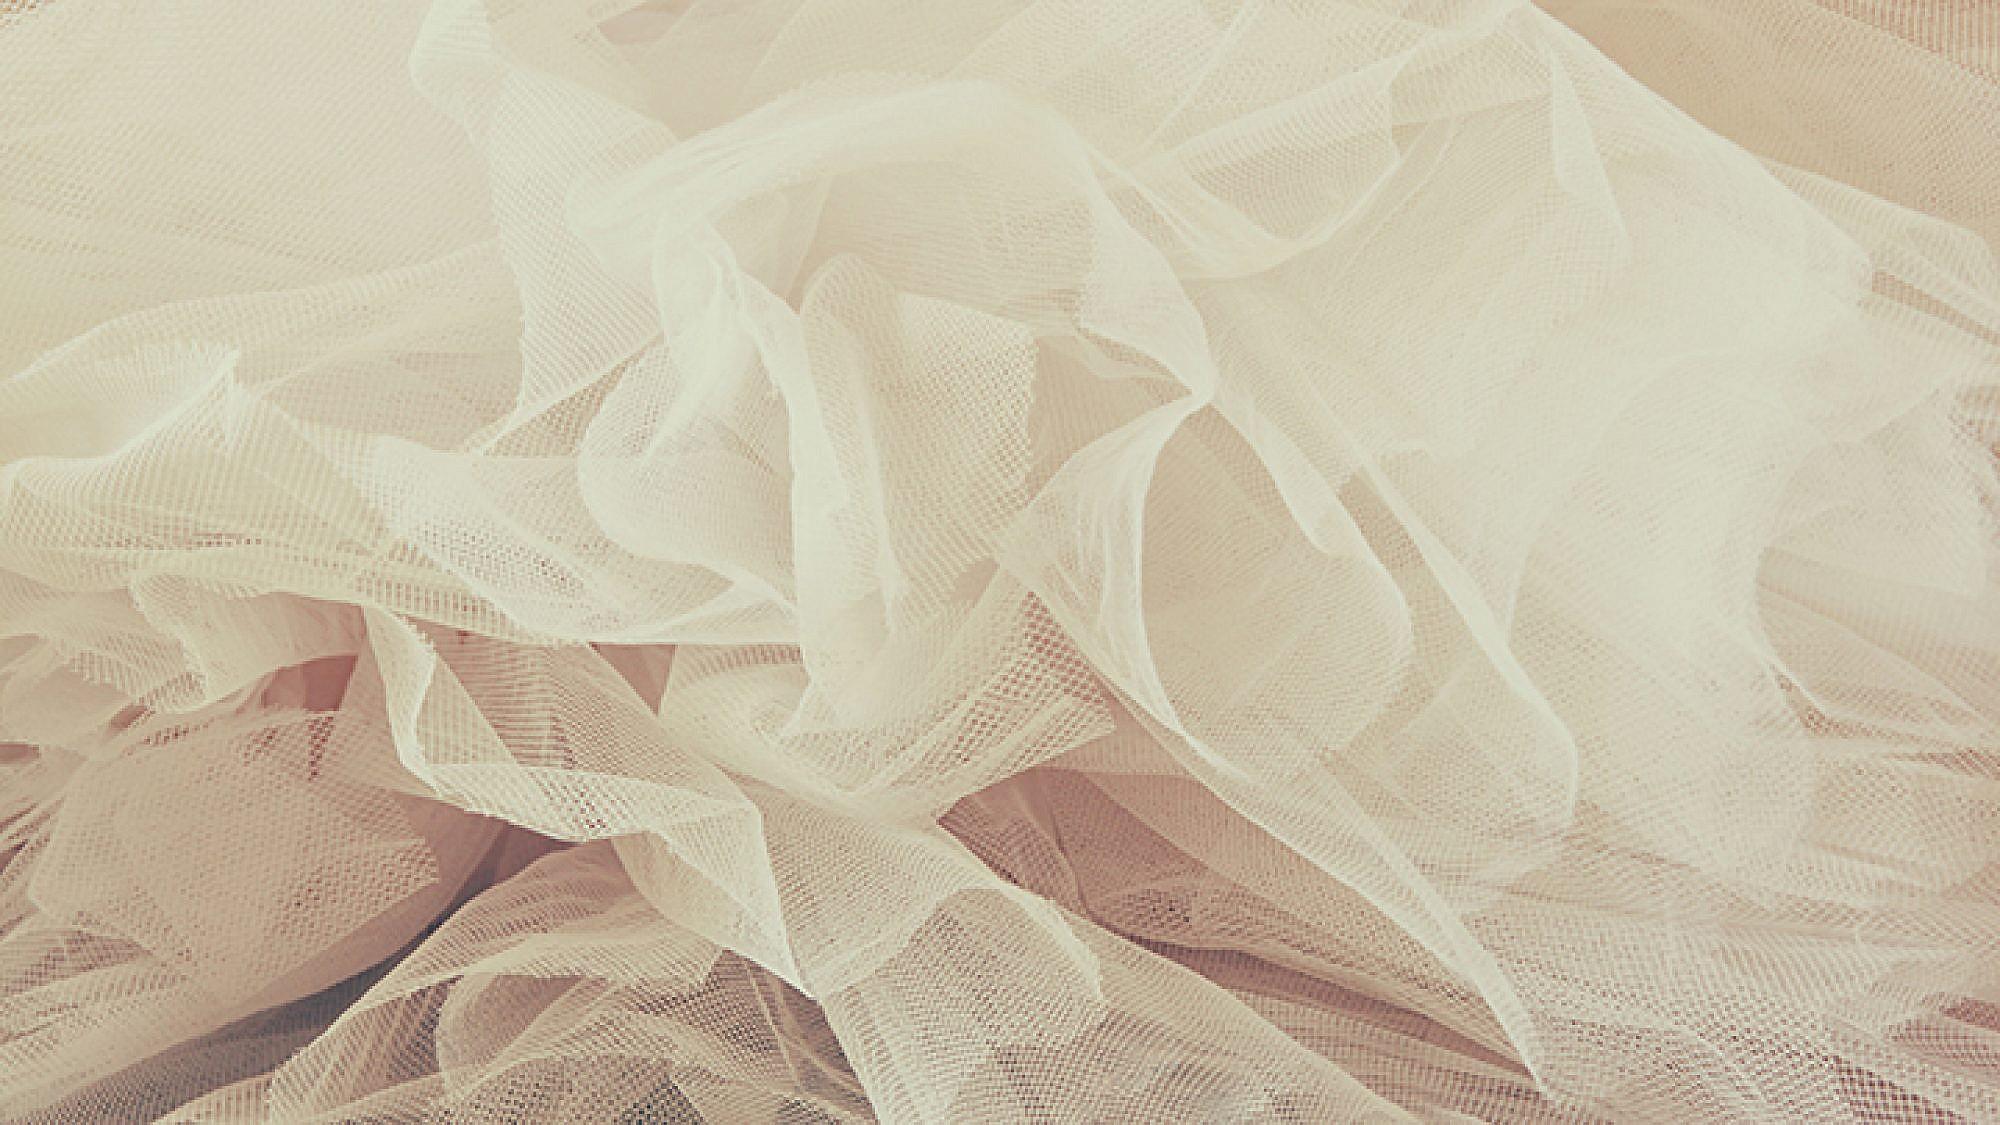 פרוייקט החתונות הגדול: הטיפים הסודיים לחתונה מושלמת | צילום: shutterstock